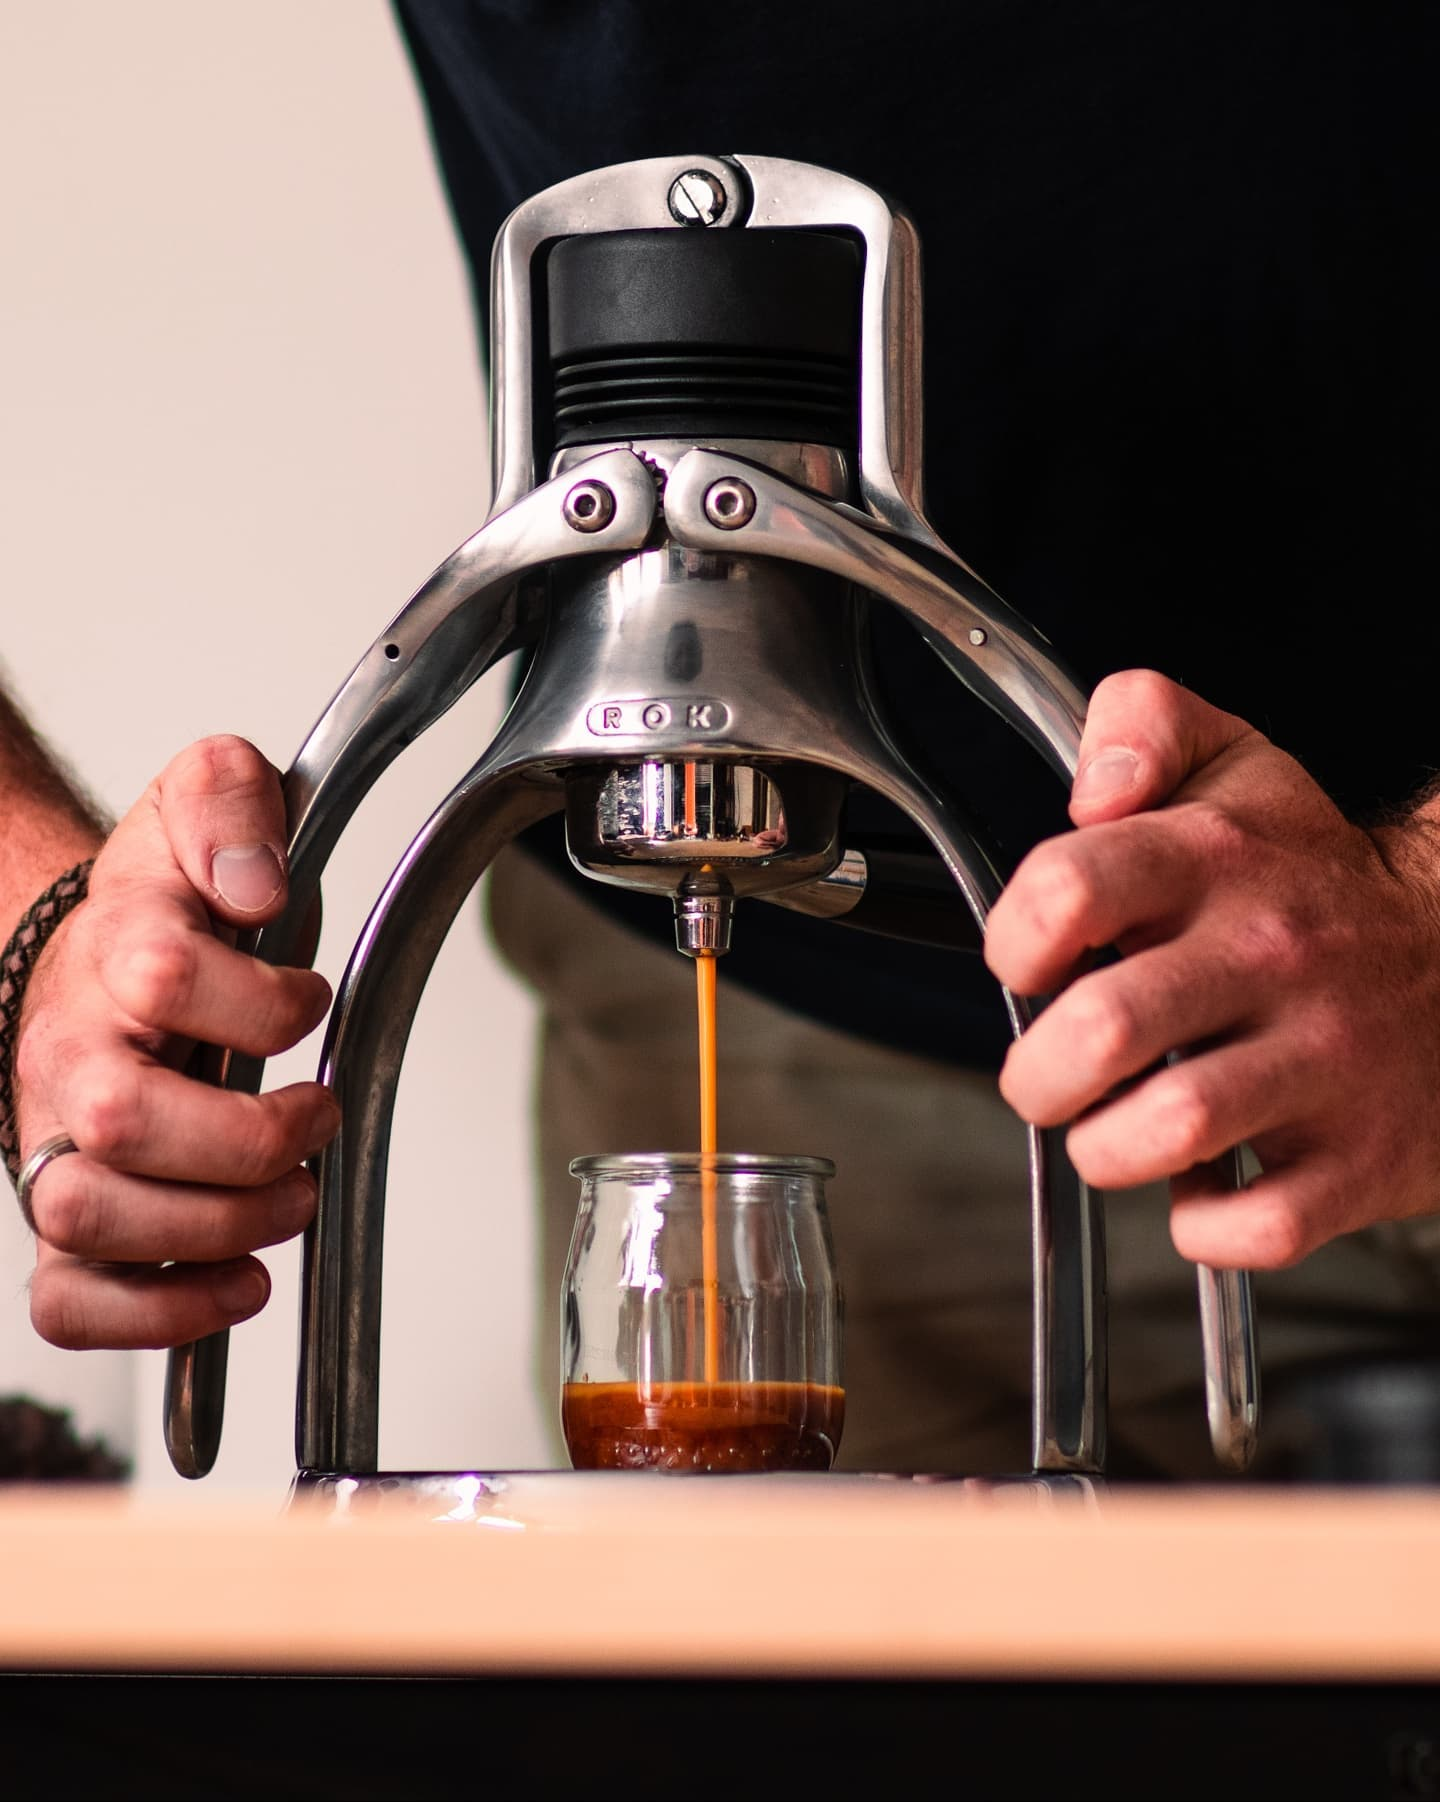 Wer hat schon einmal versucht, seinen Espresso mit Sprudelwasser zuzubereiten? Wir haben selbst einige Tests durchgeführt!  Es gibt eine erstaunliche Reaktion zwischen dem zusätzlichen CO2 und den Kaffeebohnen, was zu einer erstaunlich dicken Crema führt. Sie kommt aus der Rok und sieht aus wie ein frisch aufgegossenes Guiness! Probieren Sie es selbst aus und lassen Sie uns wissen, was Sie denken!  Mehr dazu diese Woche 😉